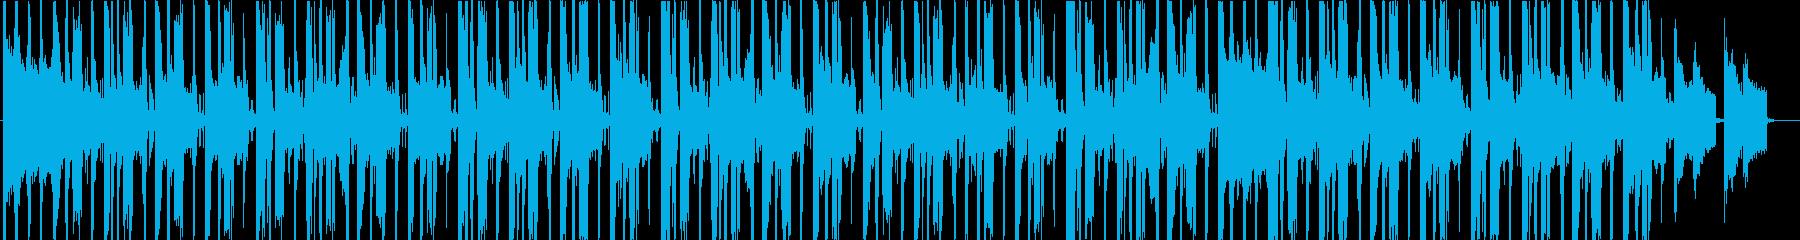 シンセとブレイクビーツのBoomBapの再生済みの波形